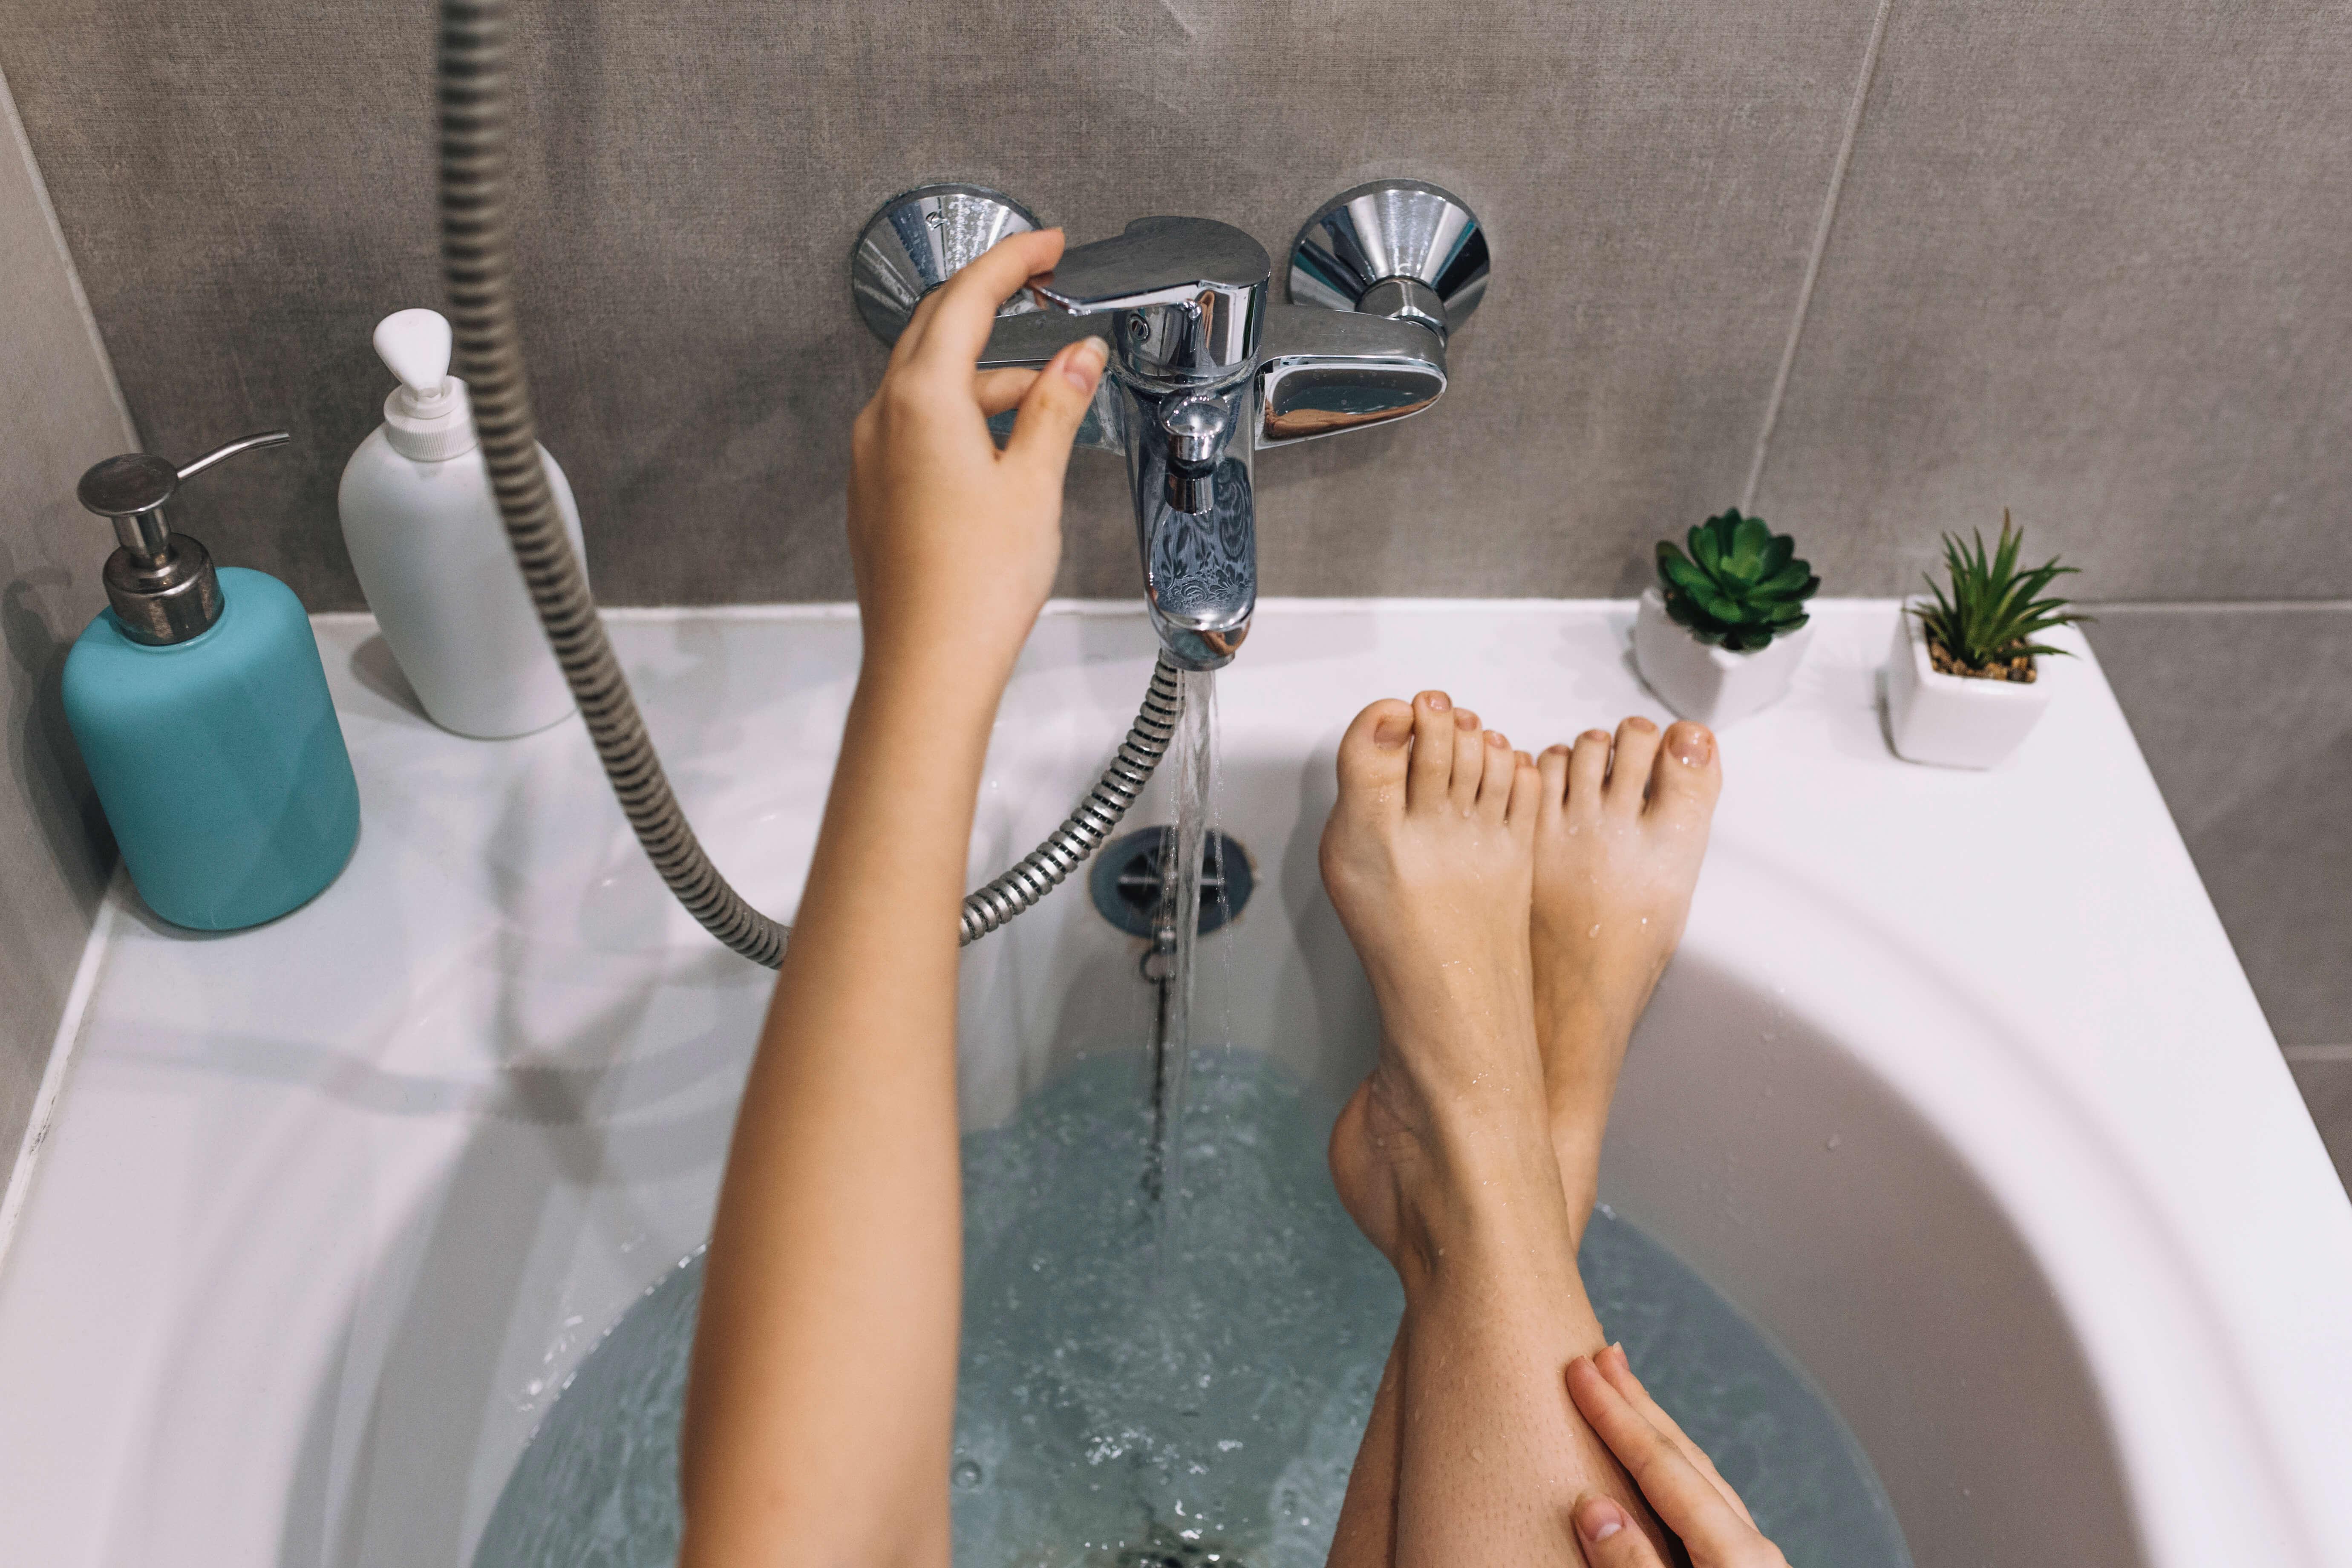 la détox par les pieds dans un bain avec un robinet ouvert